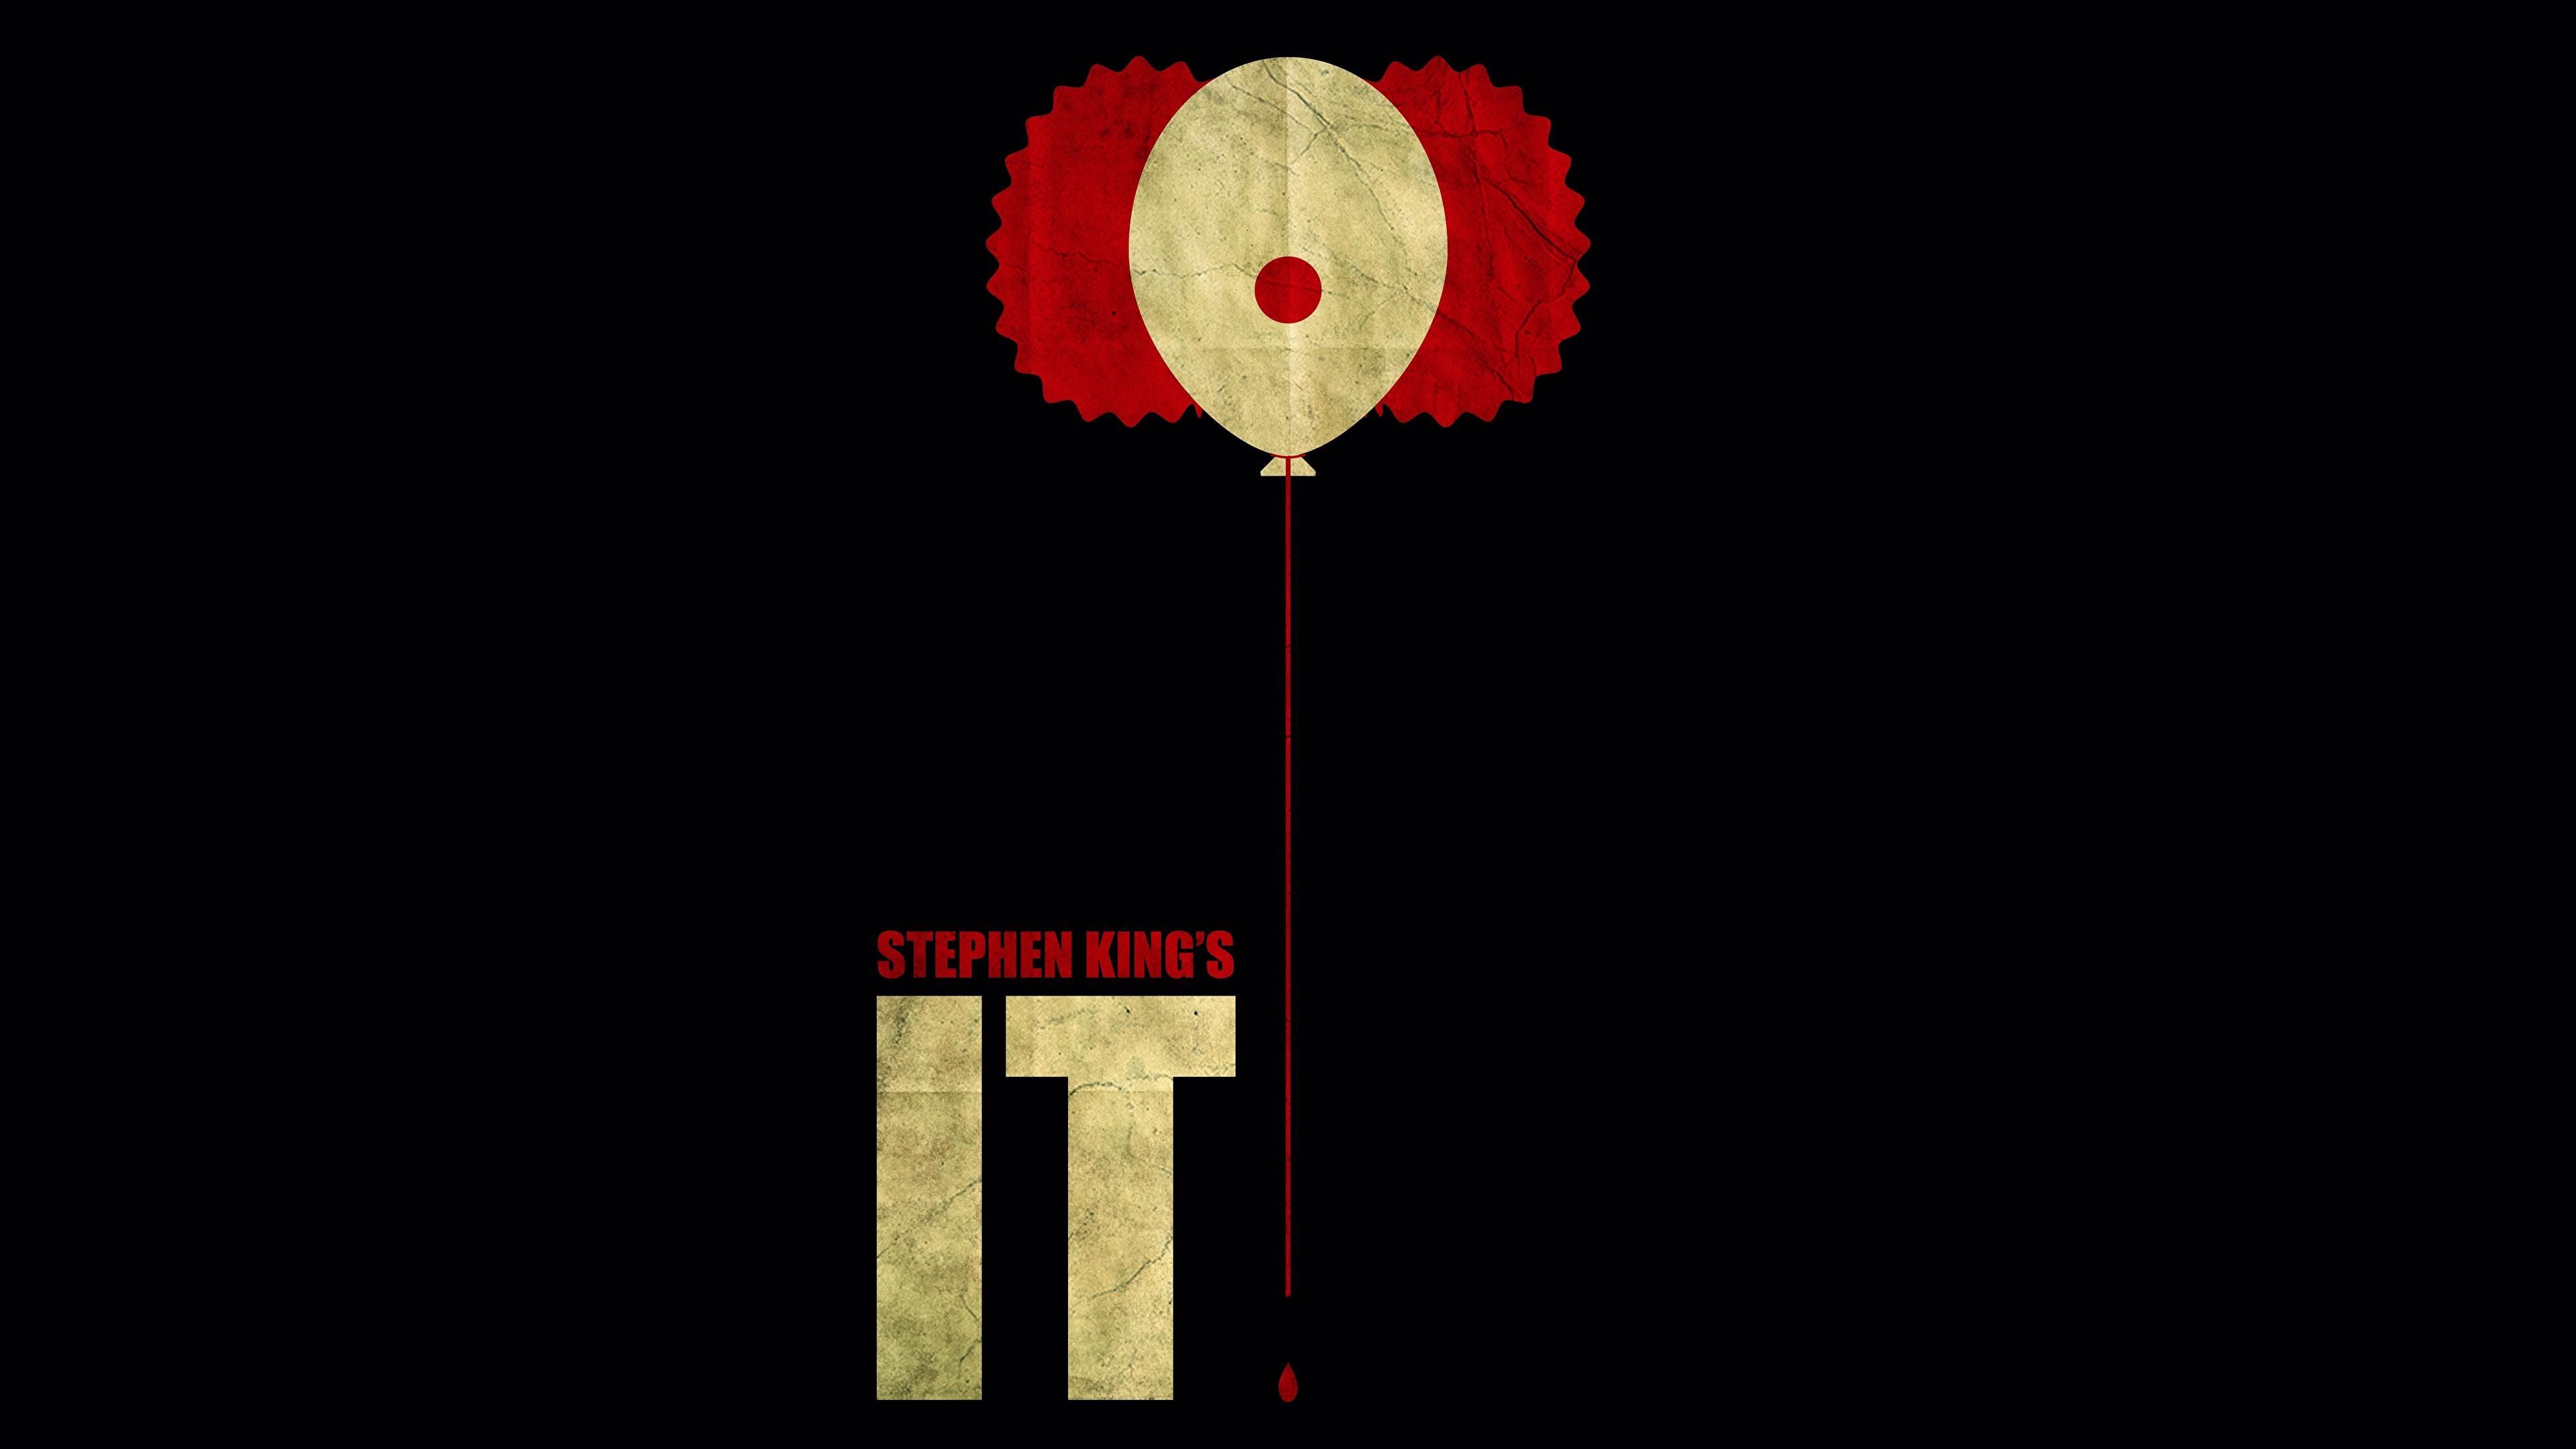 Картинки Оно 2017 Stephen King кино на черном фоне 3840x2160 Фильмы Черный фон